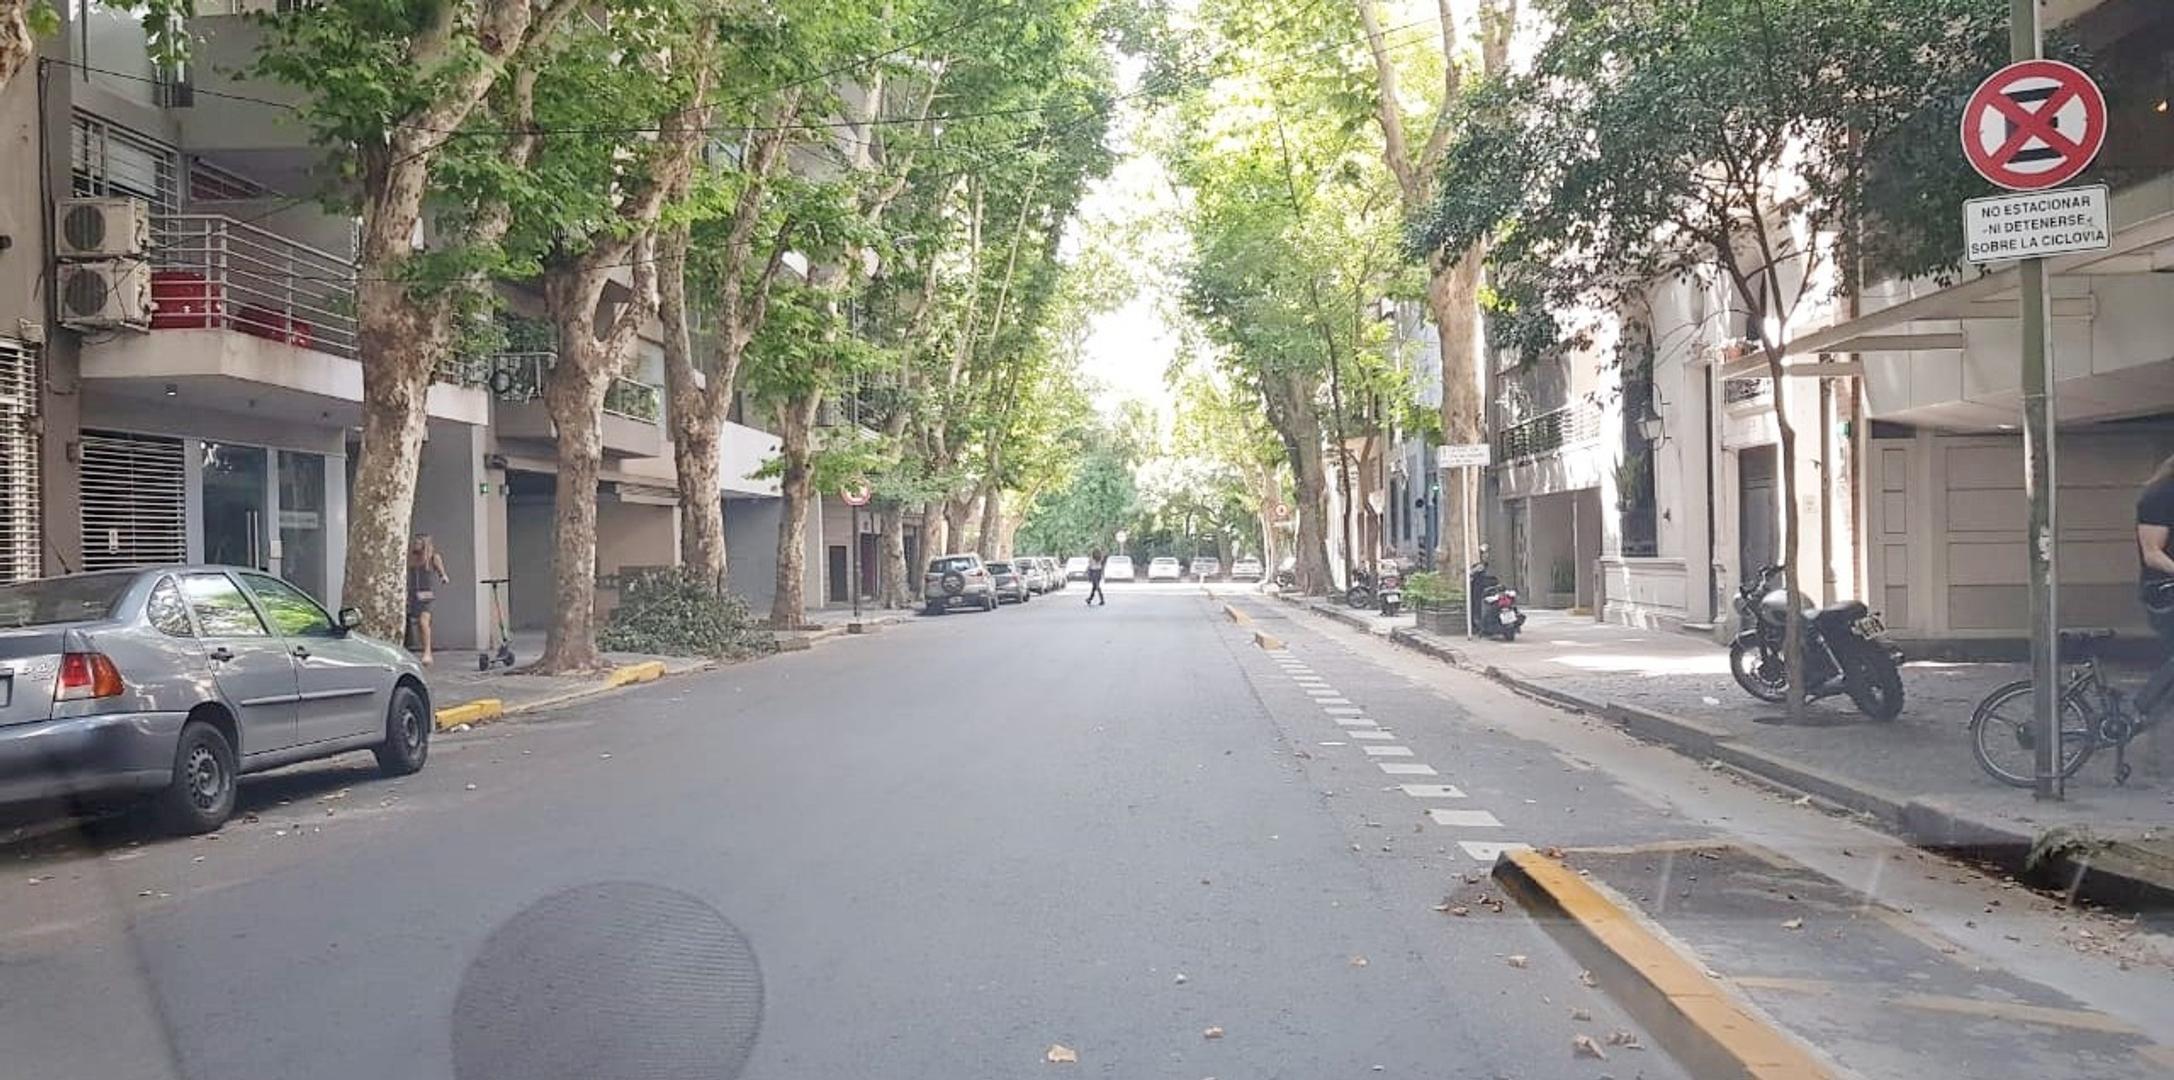 Departamento en Alquiler en Palermo Hollywood